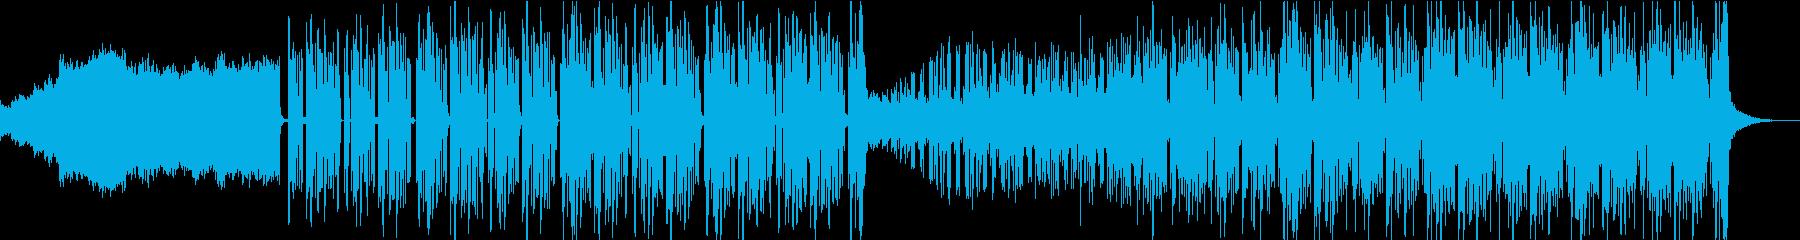 夜の趣があるフューチャーソウル風BGMの再生済みの波形